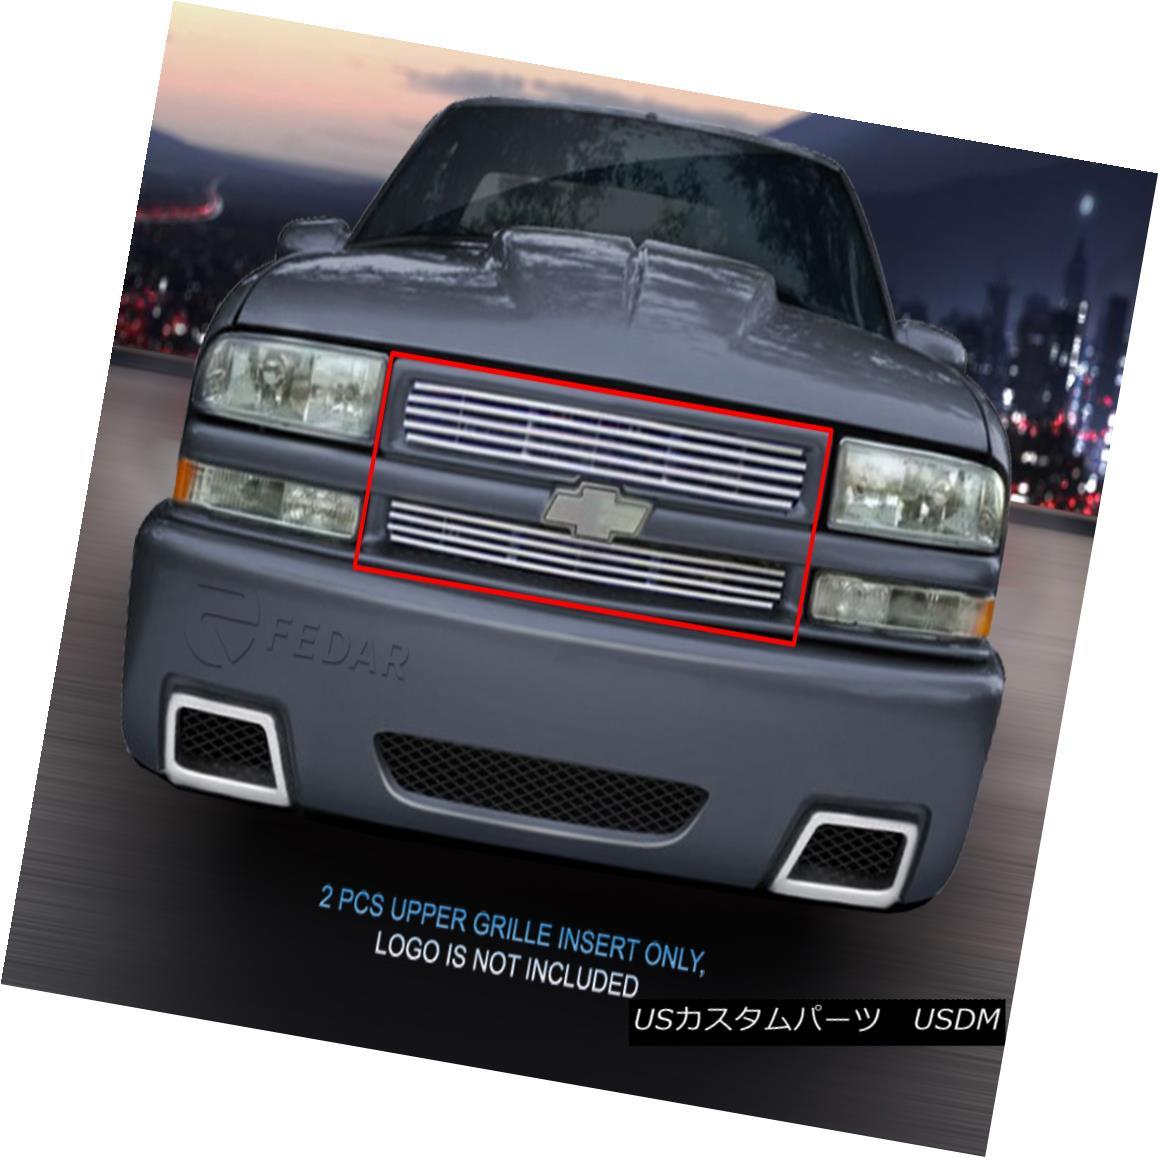 グリル Chevy 98-05シボレーブレイザーS-10ピックアップビレットグリルグリルインサートFedar Grill Grille Blazer Billet Pickup Insert Fedar 98-05 S-10